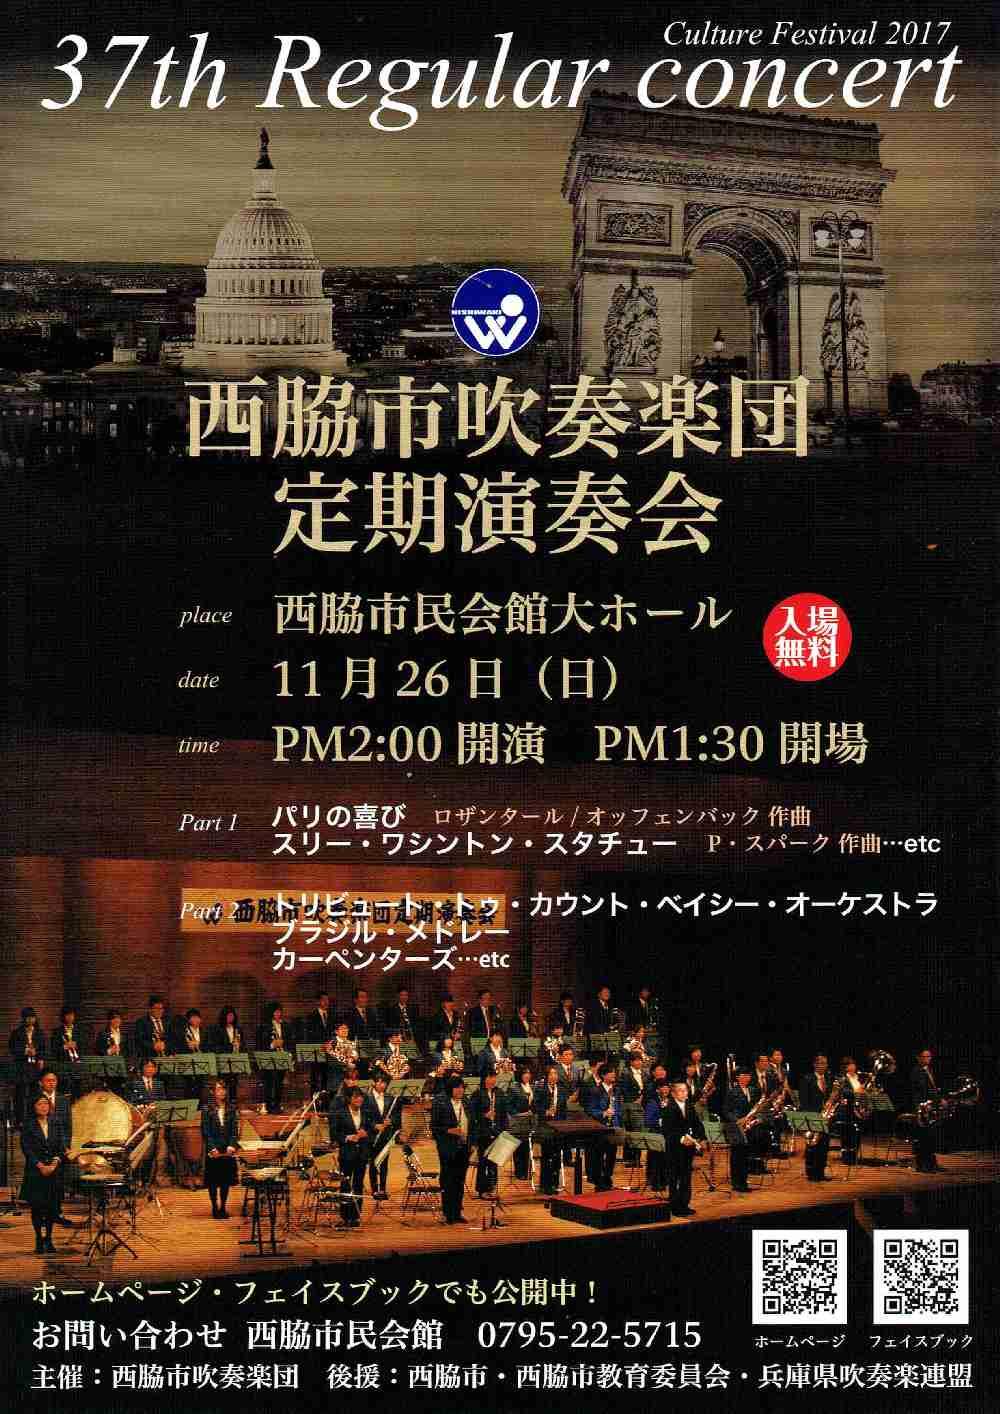 11/26 西脇吹奏楽団定期演奏会:西脇市民会館